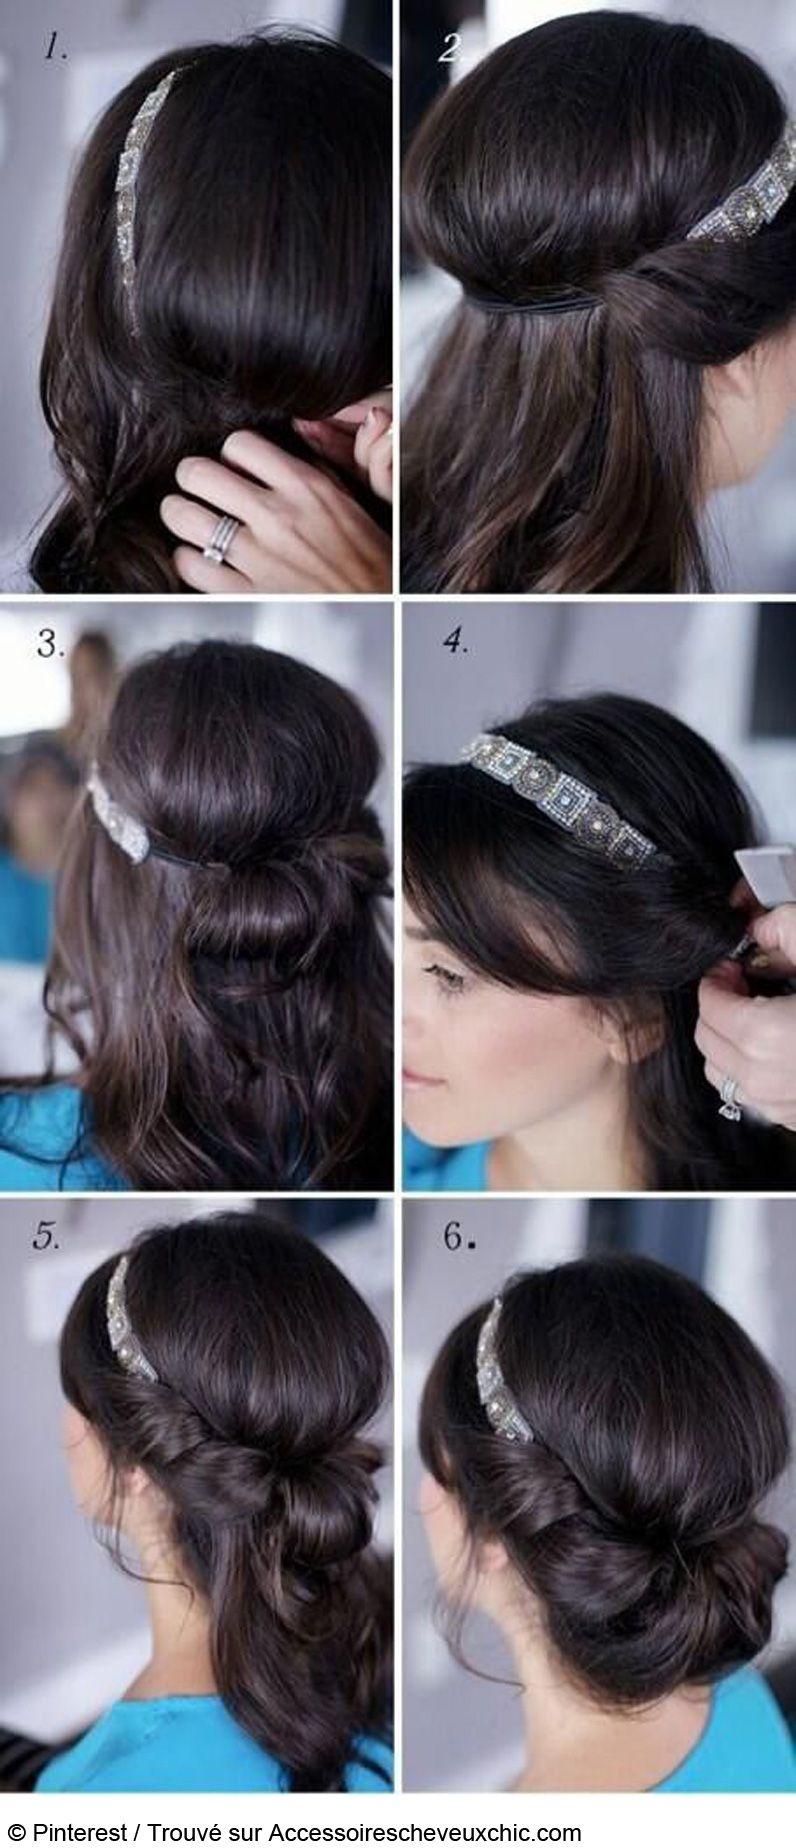 Coiffure express des idées de coiffures express au